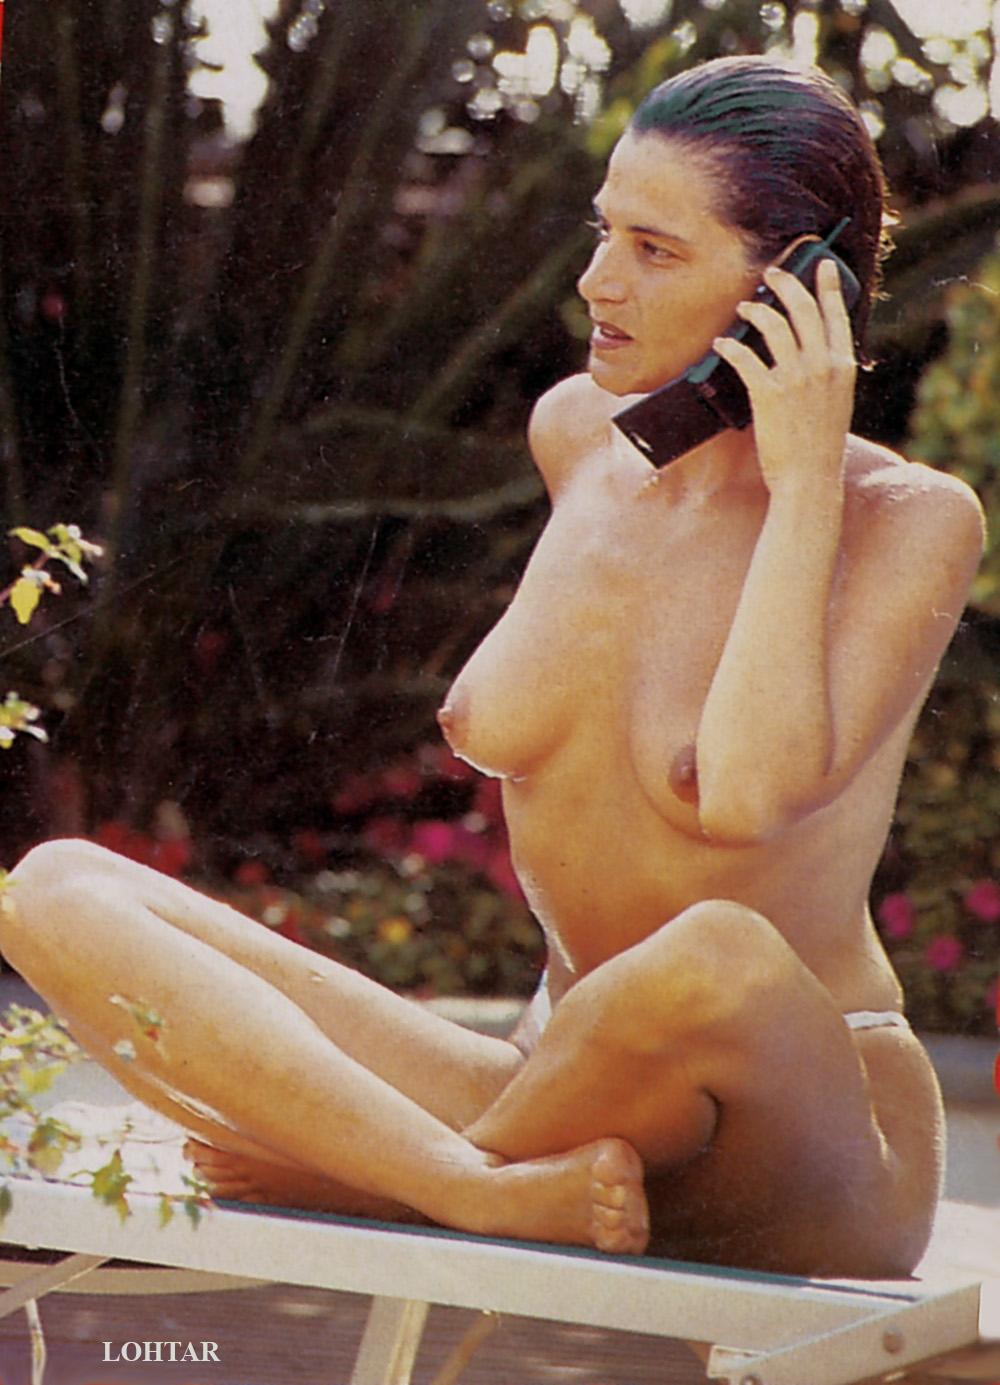 Simona ventura ass, naked mile masturbate